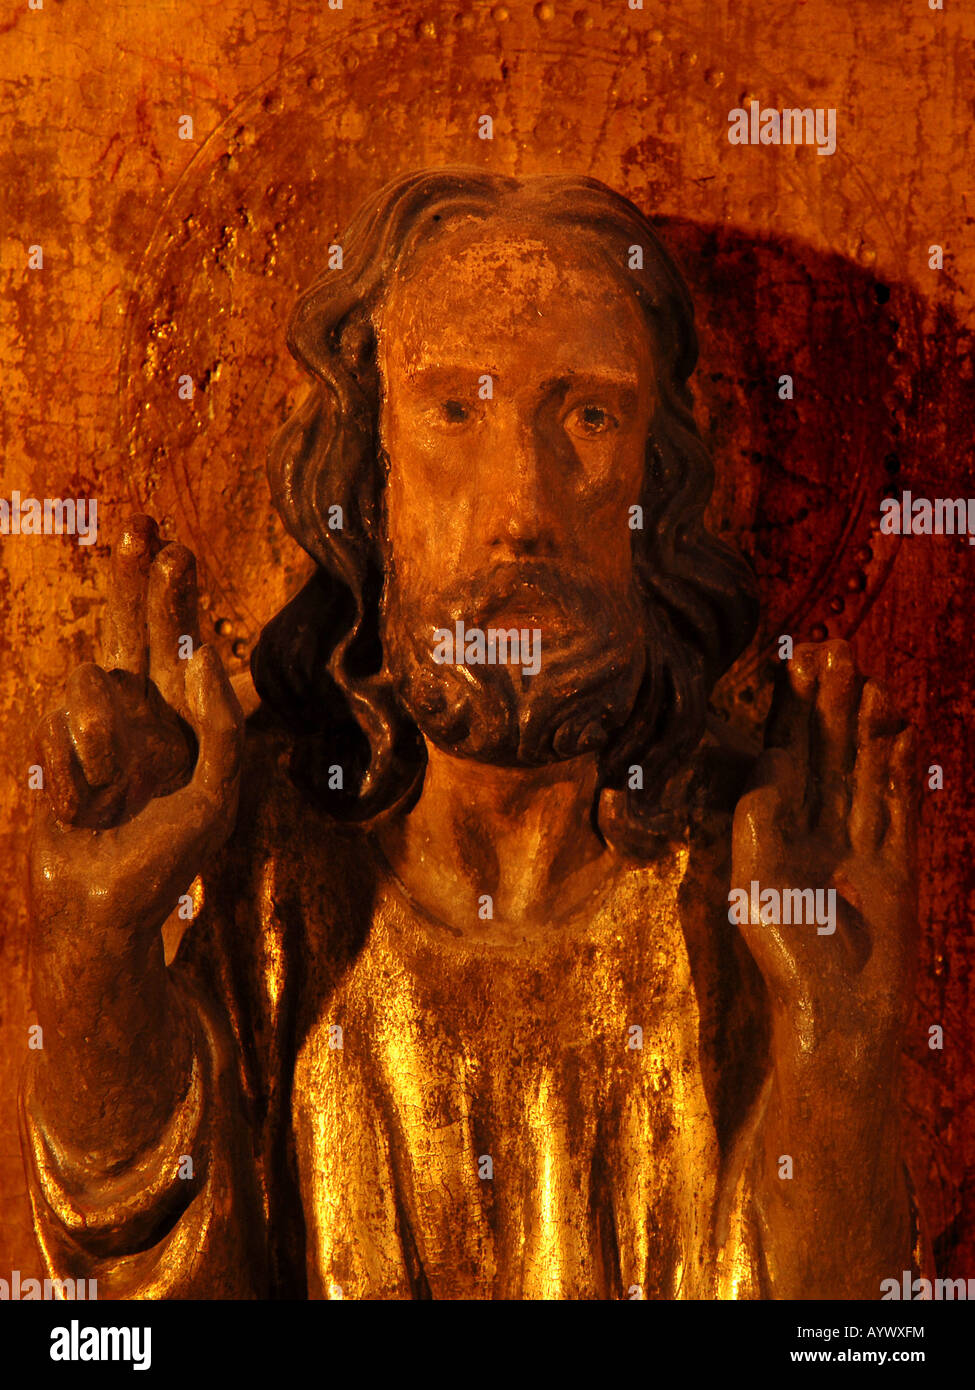 Brandenburg Deutschland mark dom sakral kirche christlich christentum mittelalter gotik gotisch giebel spitzbogen - Stock Image